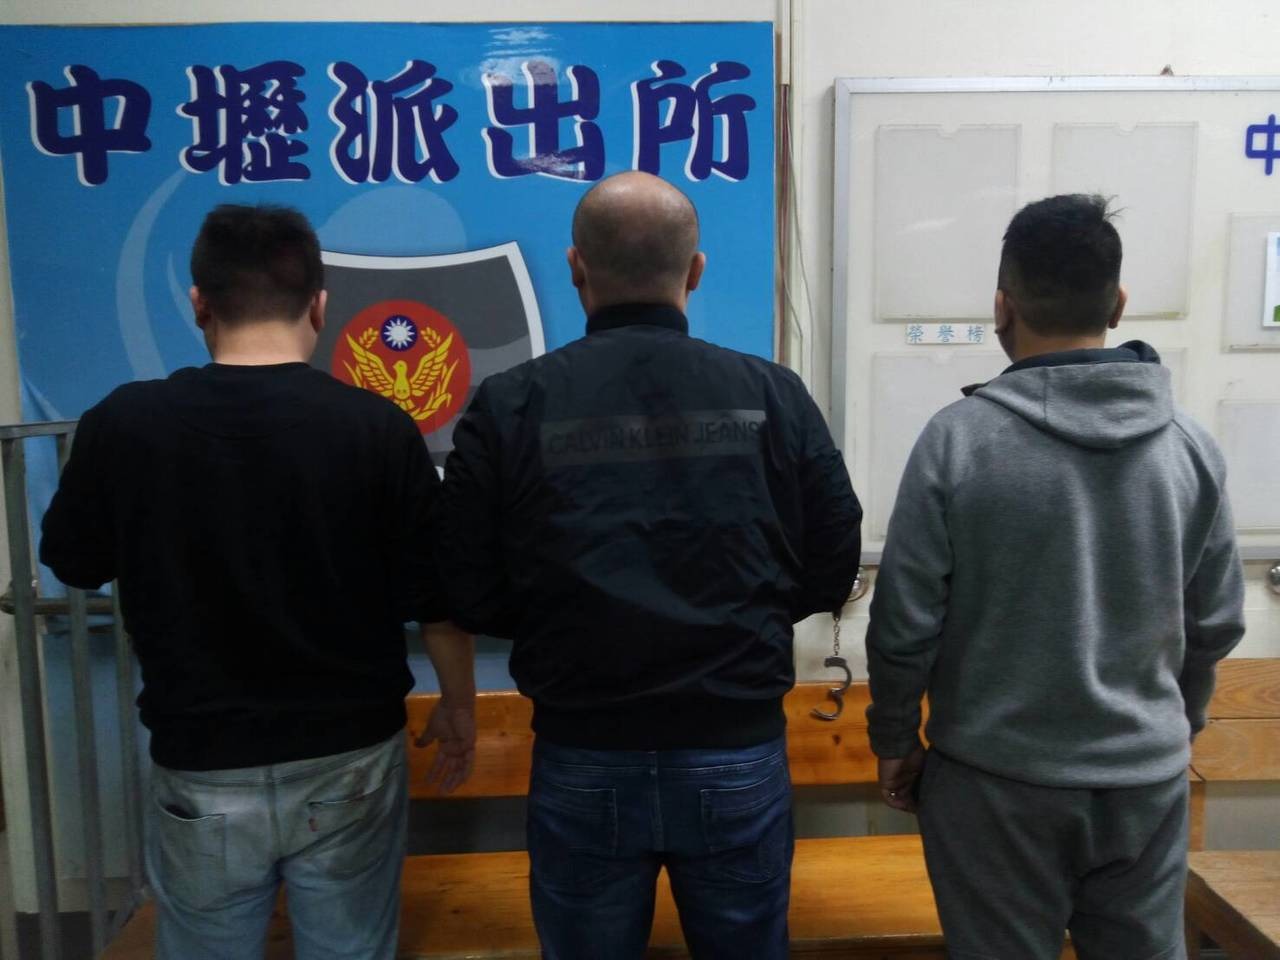 警方除了依社維法裁罰,也追查有無涉及組織犯罪。記者鄭國樑/翻攝